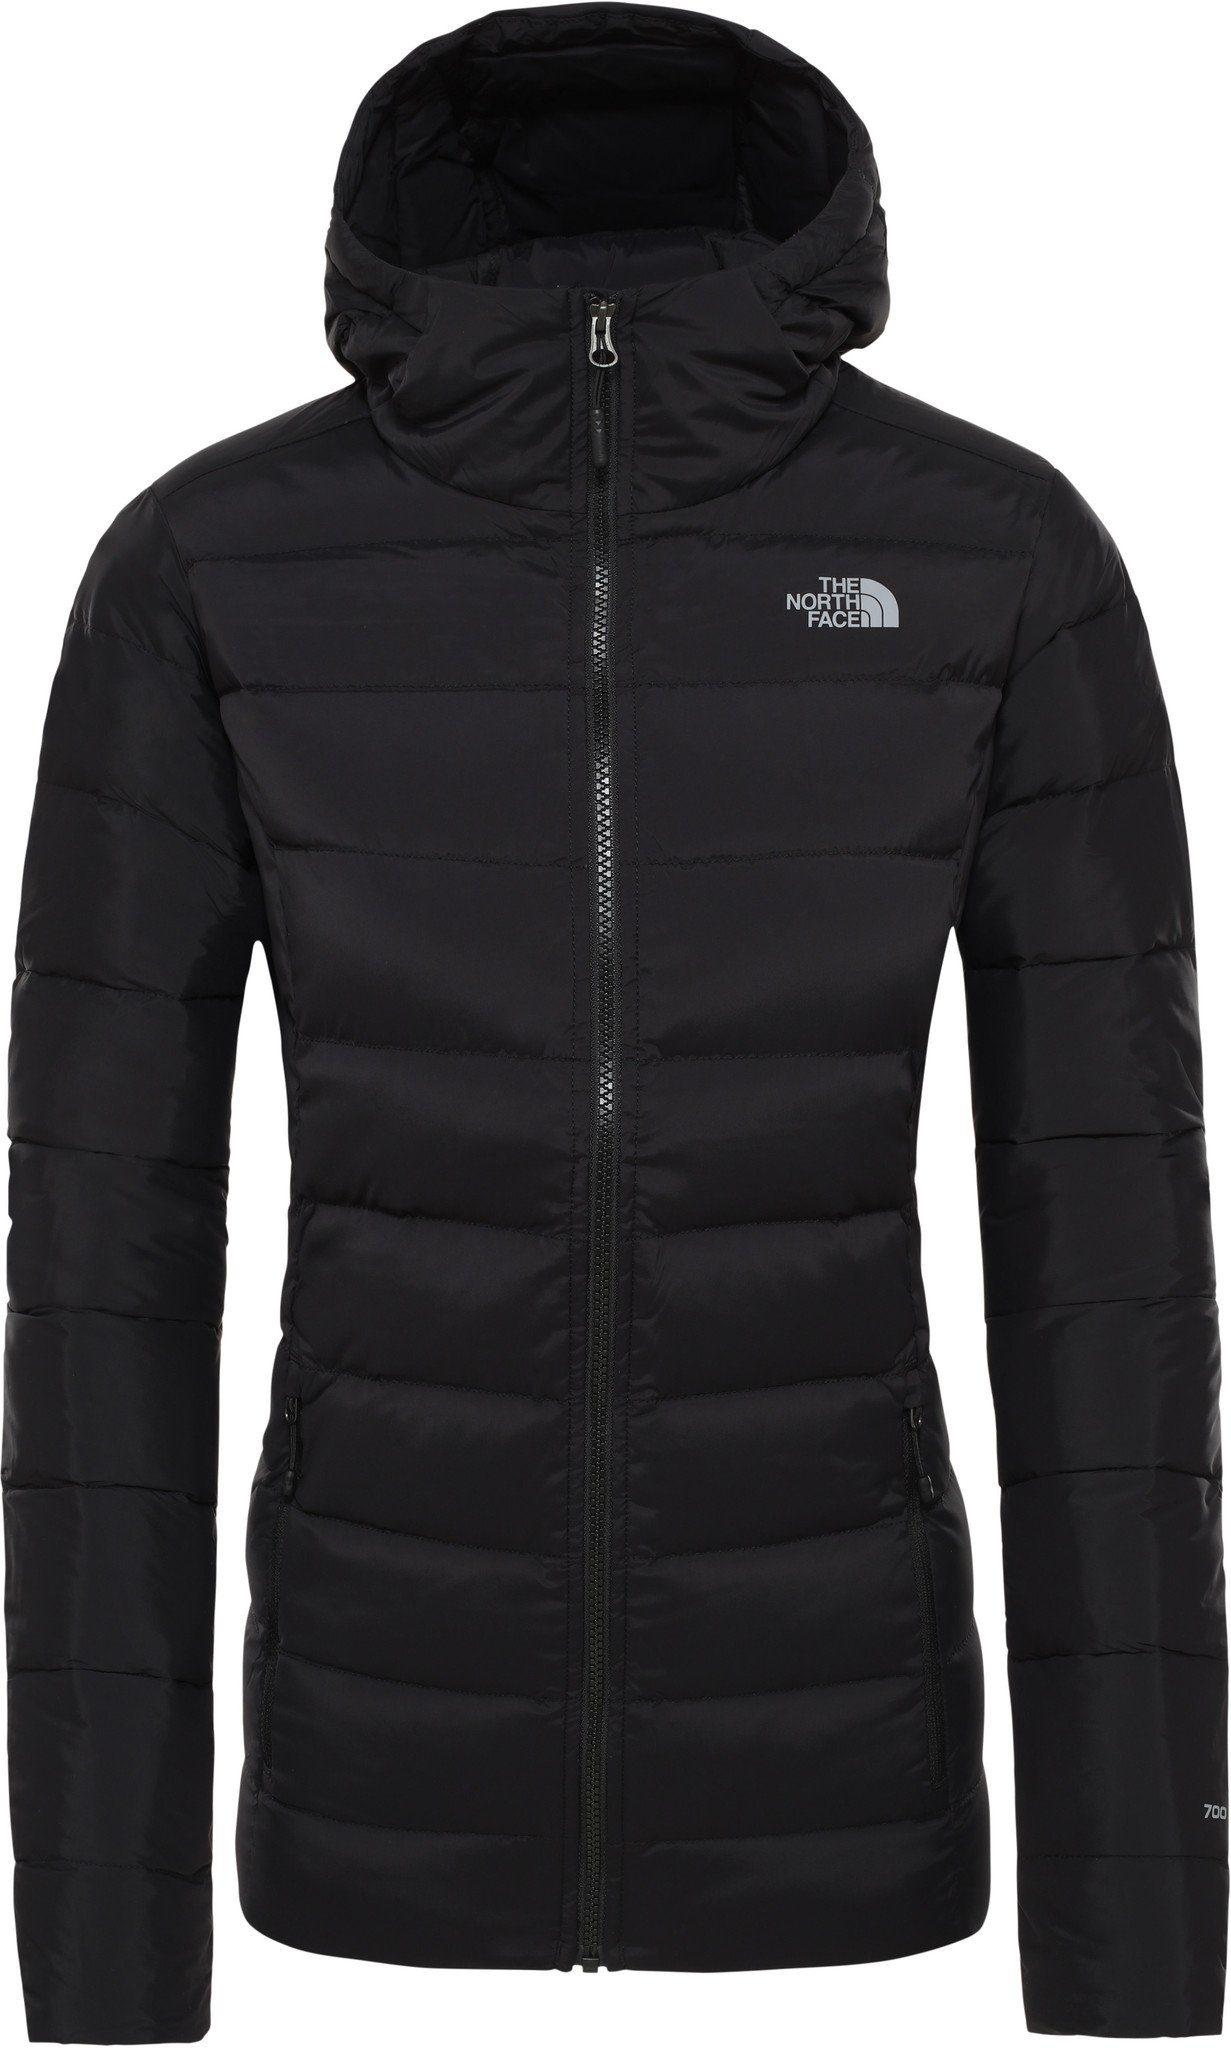 The North Face Outdoorjacke »Stretch Daunen Kapuzenjacke Damen« online kaufen   OTTO